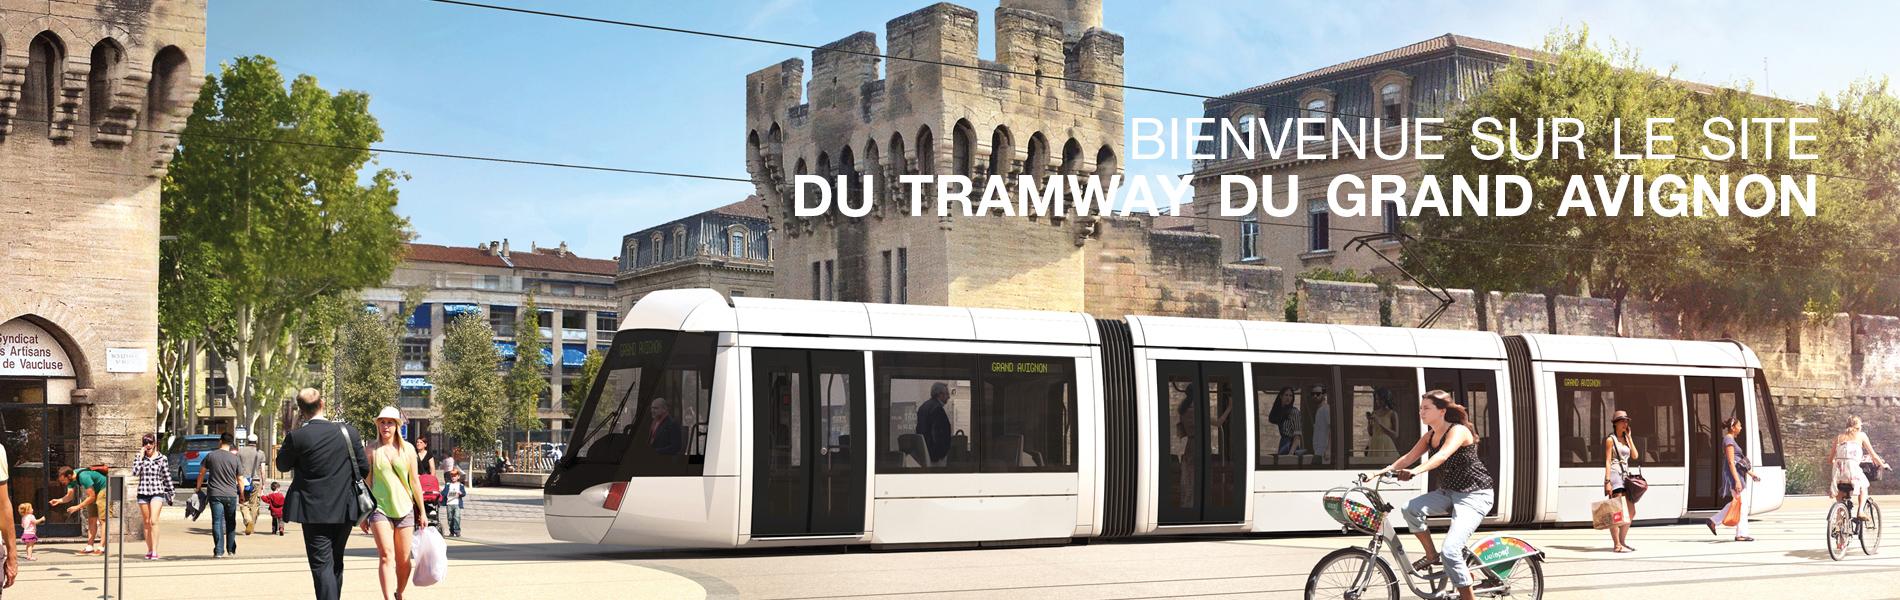 Tram du grand avignon le tram du grand avignon - Ligne bus avignon ...